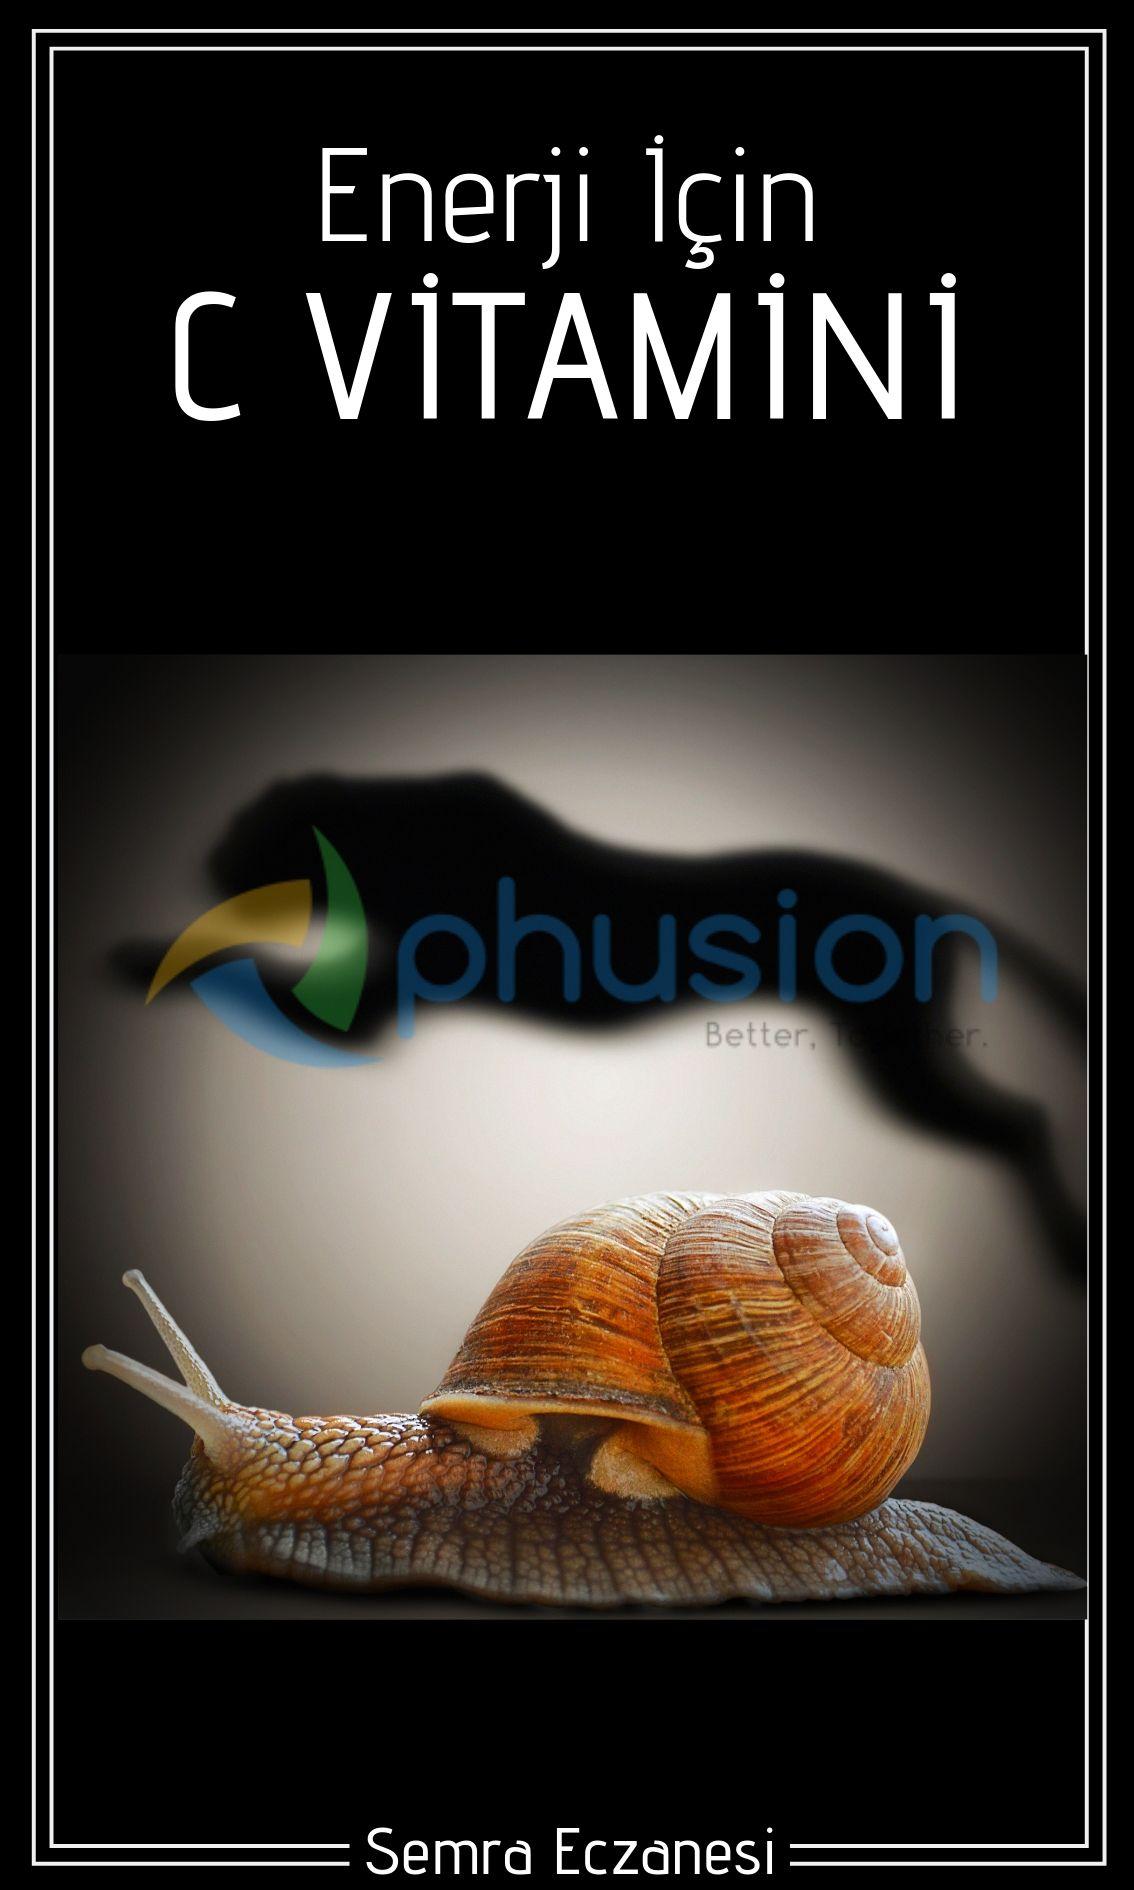 enerji için c vitamini